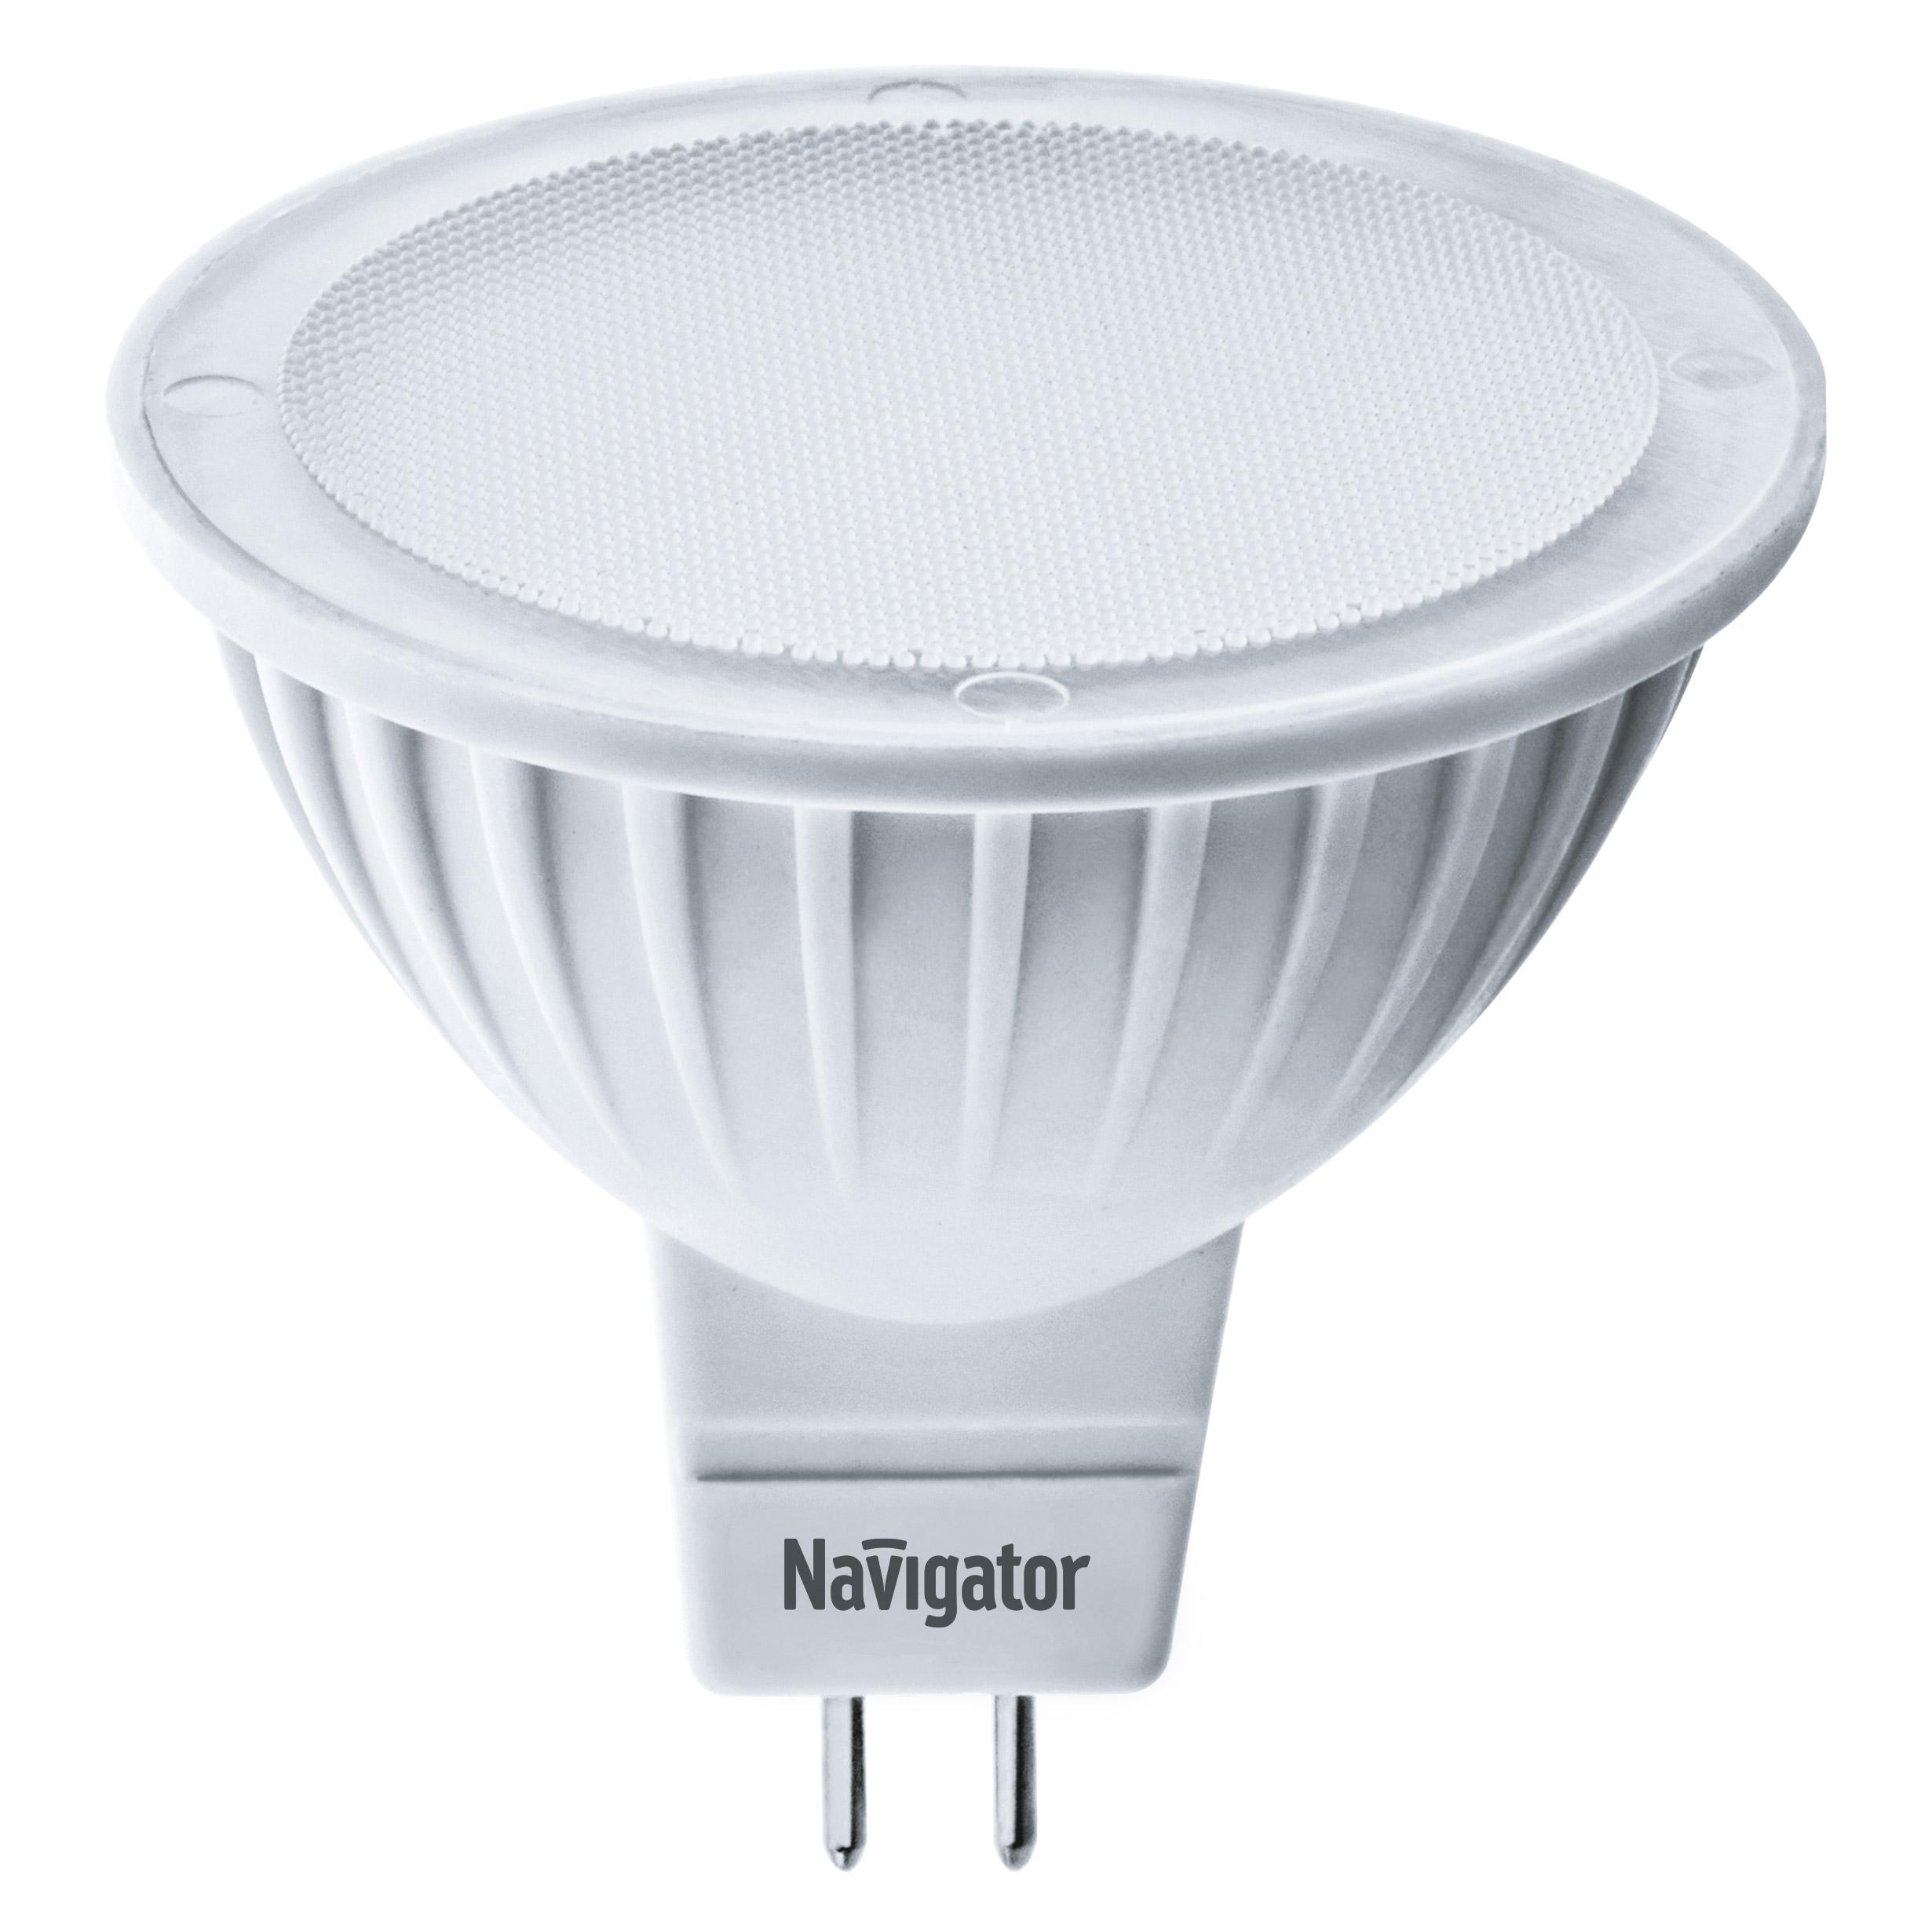 Фото - Лампа светодиодная Navigator MR16 5Вт 230В цоколь GU5.3 (холодный свет) лампа люминесцентная navigator t5 6вт цоколь g5 холодный свет